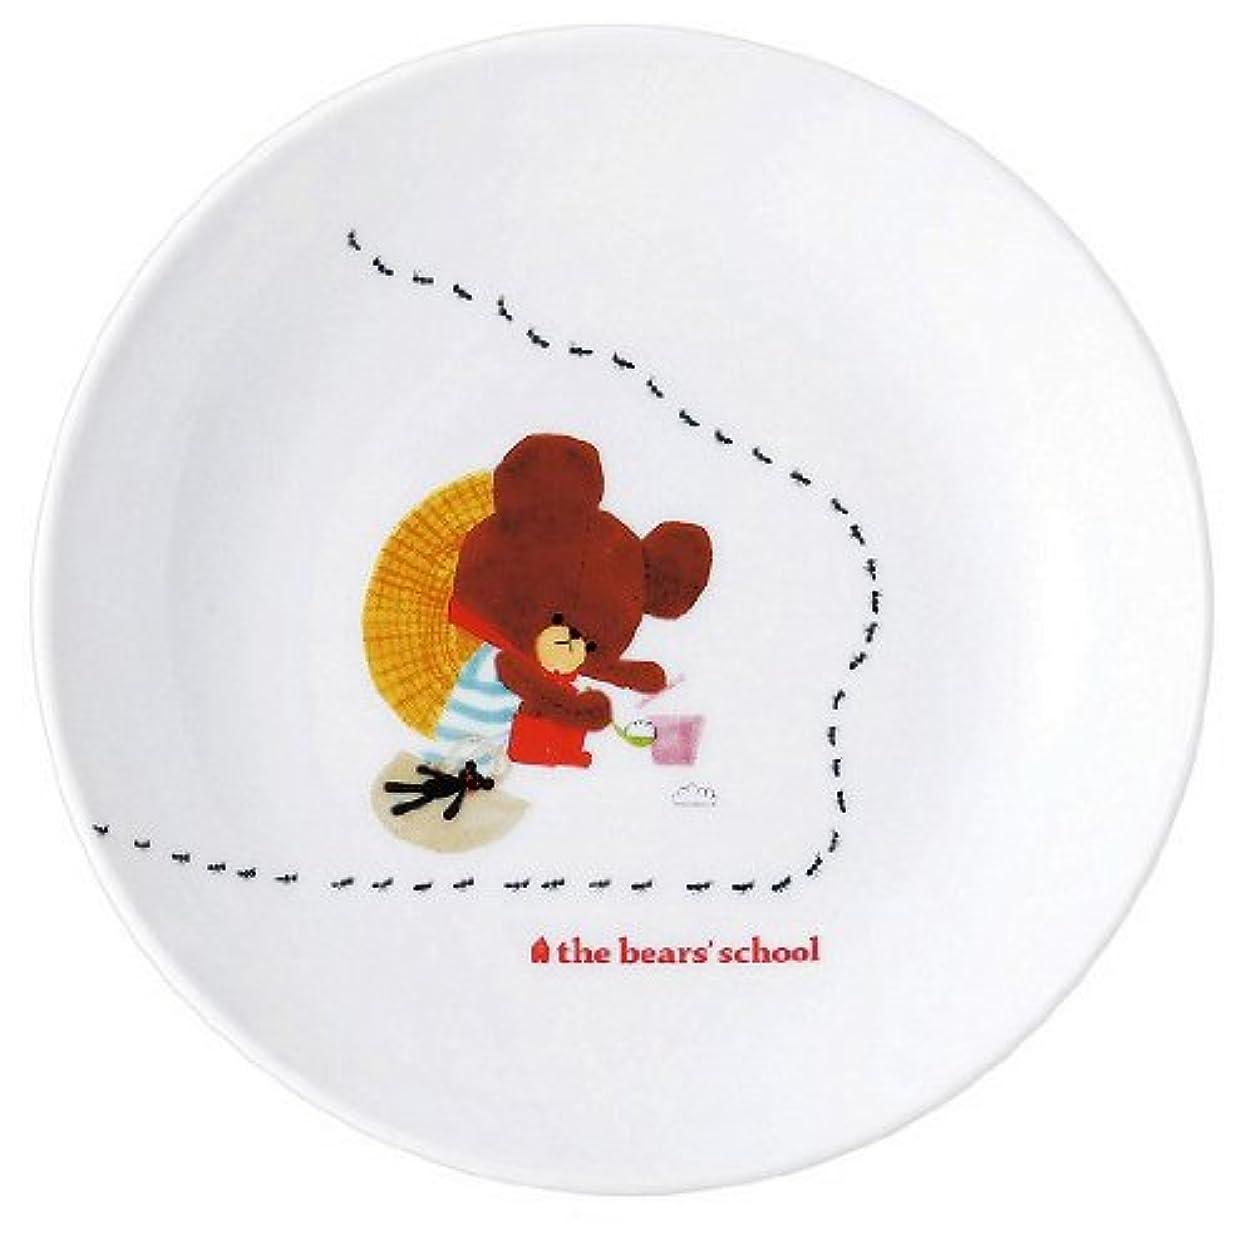 ケイ素嫌悪気になる「 くまのがっこう 」 ハッピー 軽 小皿 16.5cm 白 794124